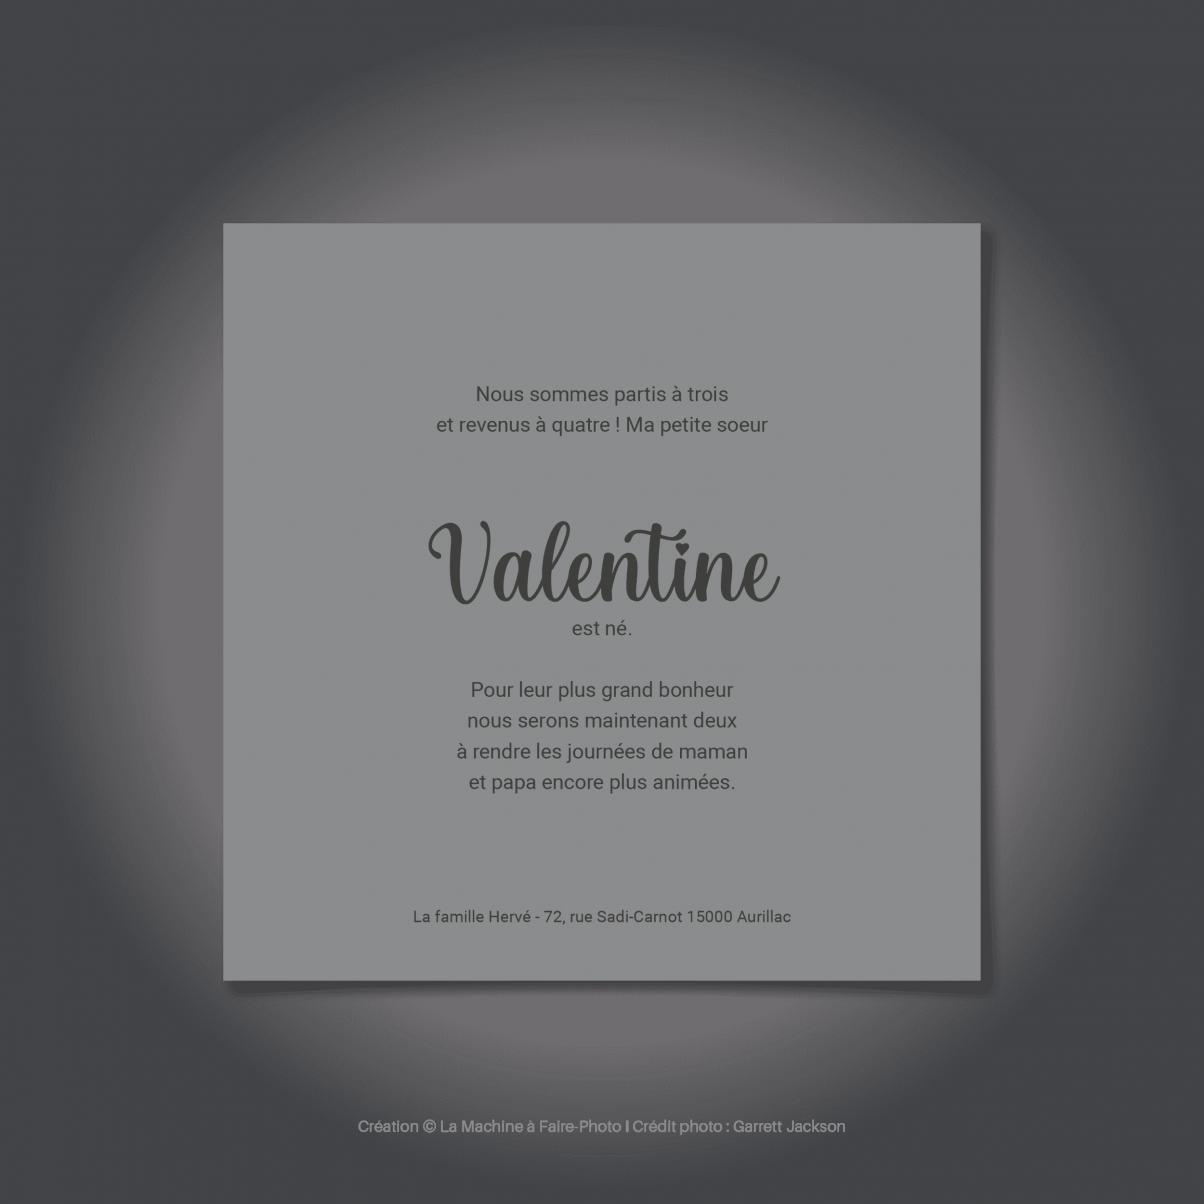 Le Faire-Part verso de naissance de Valentine